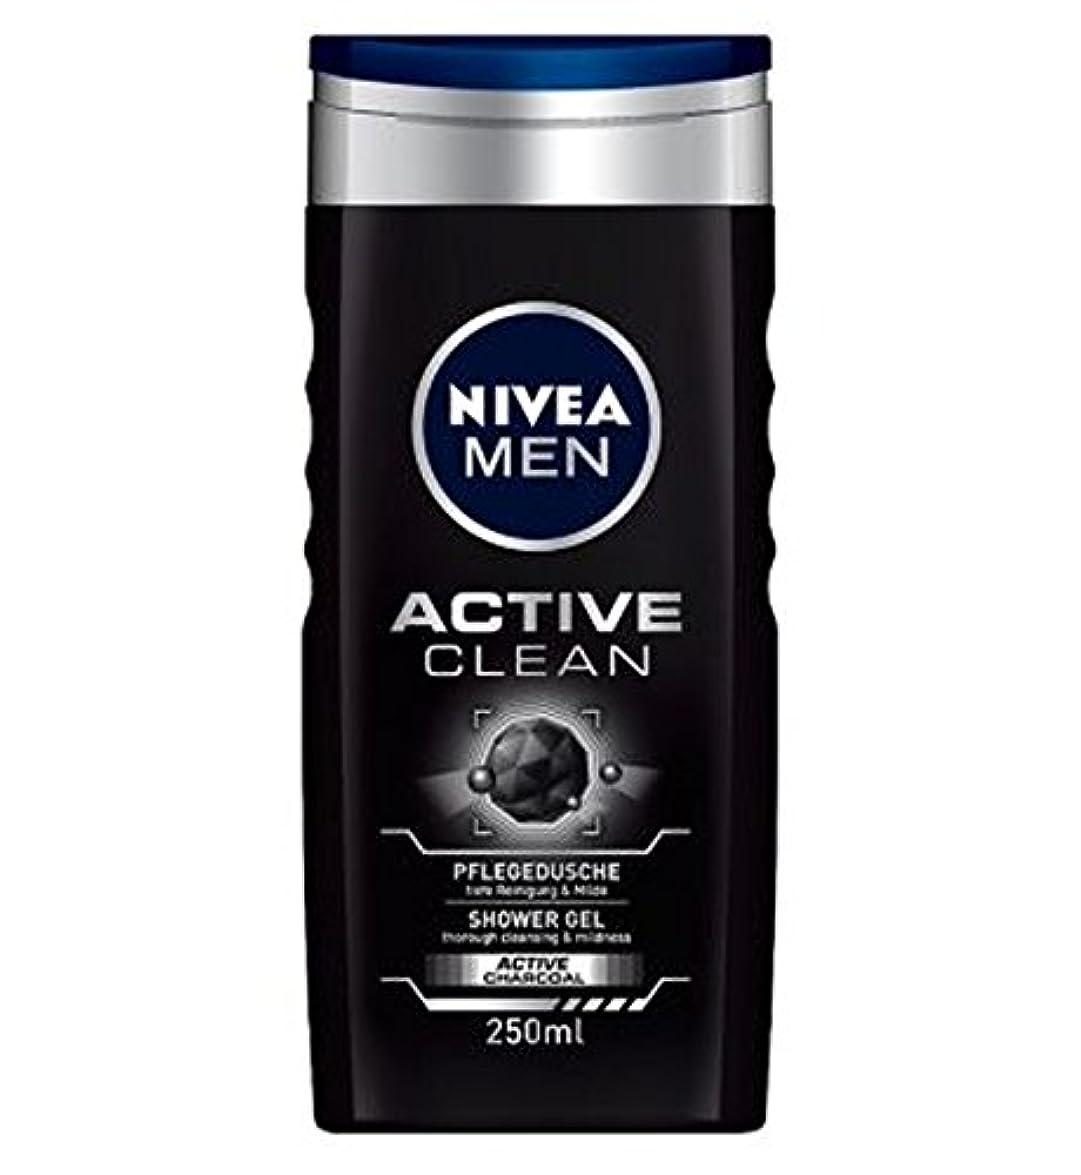 キャンセル教養がある行商人ニベアの男性アクティブクリーンシャワージェル250ミリリットル (Nivea) (x2) - NIVEA MEN Active Clean Shower Gel 250ml (Pack of 2) [並行輸入品]